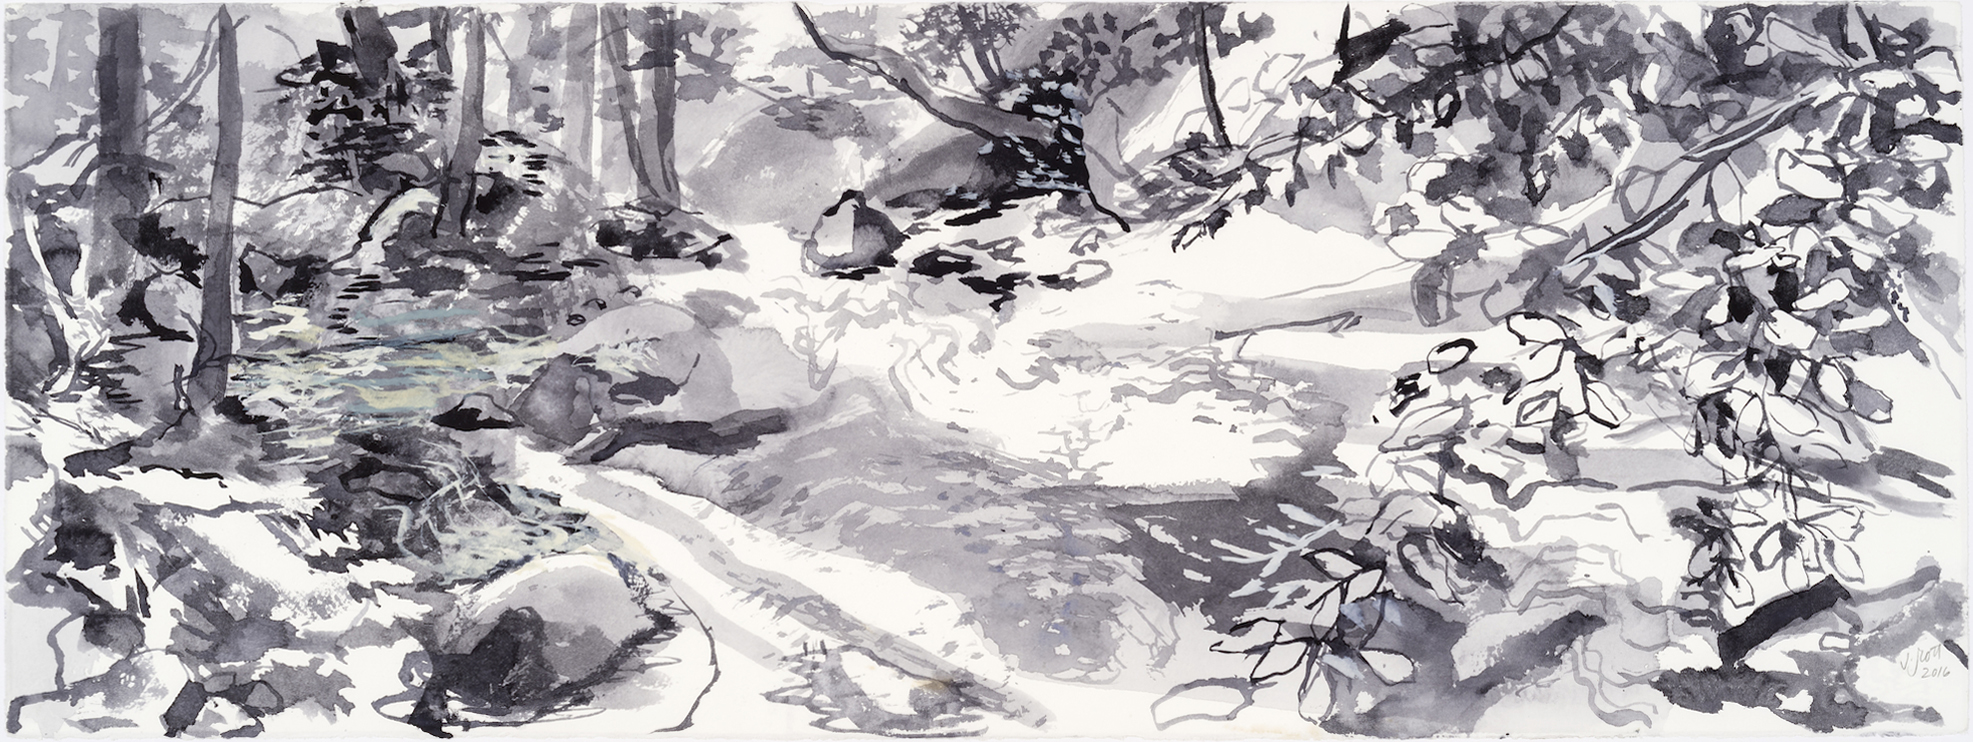 SUSAN G. SCOTT Stream Water    2017, Aquarelle sur papier | Watercolour on paper, 27.94 x 76.2 cm | 11″ x 30″ CAD $3,075 (sans encadrement | unframed)